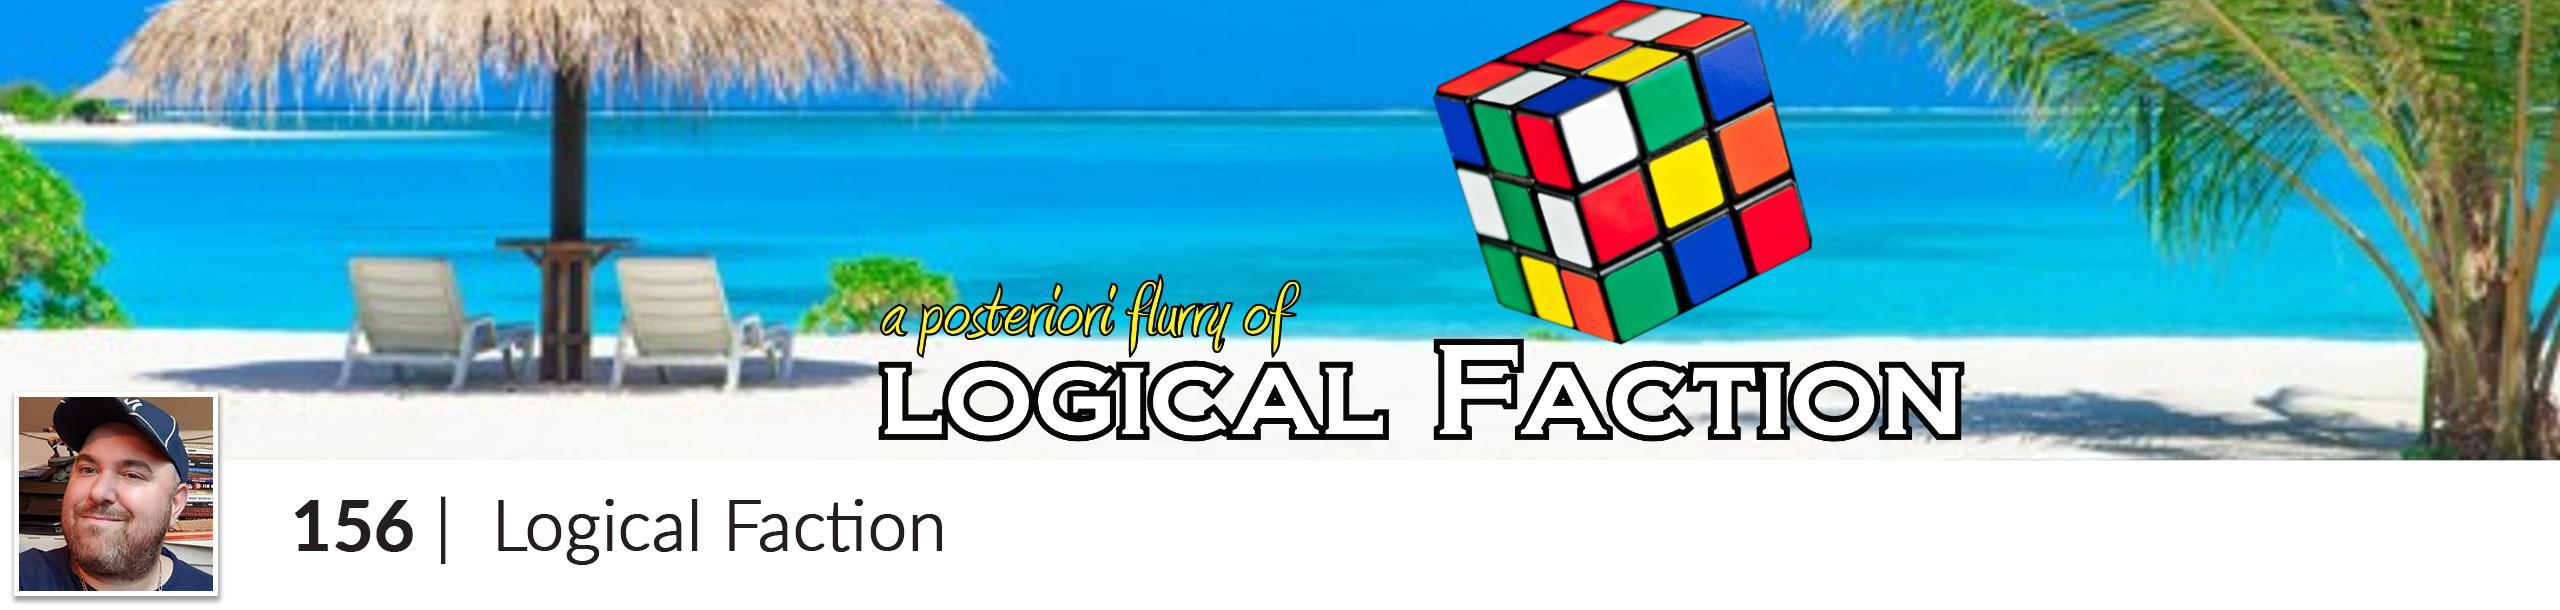 Logical_Faction-header1